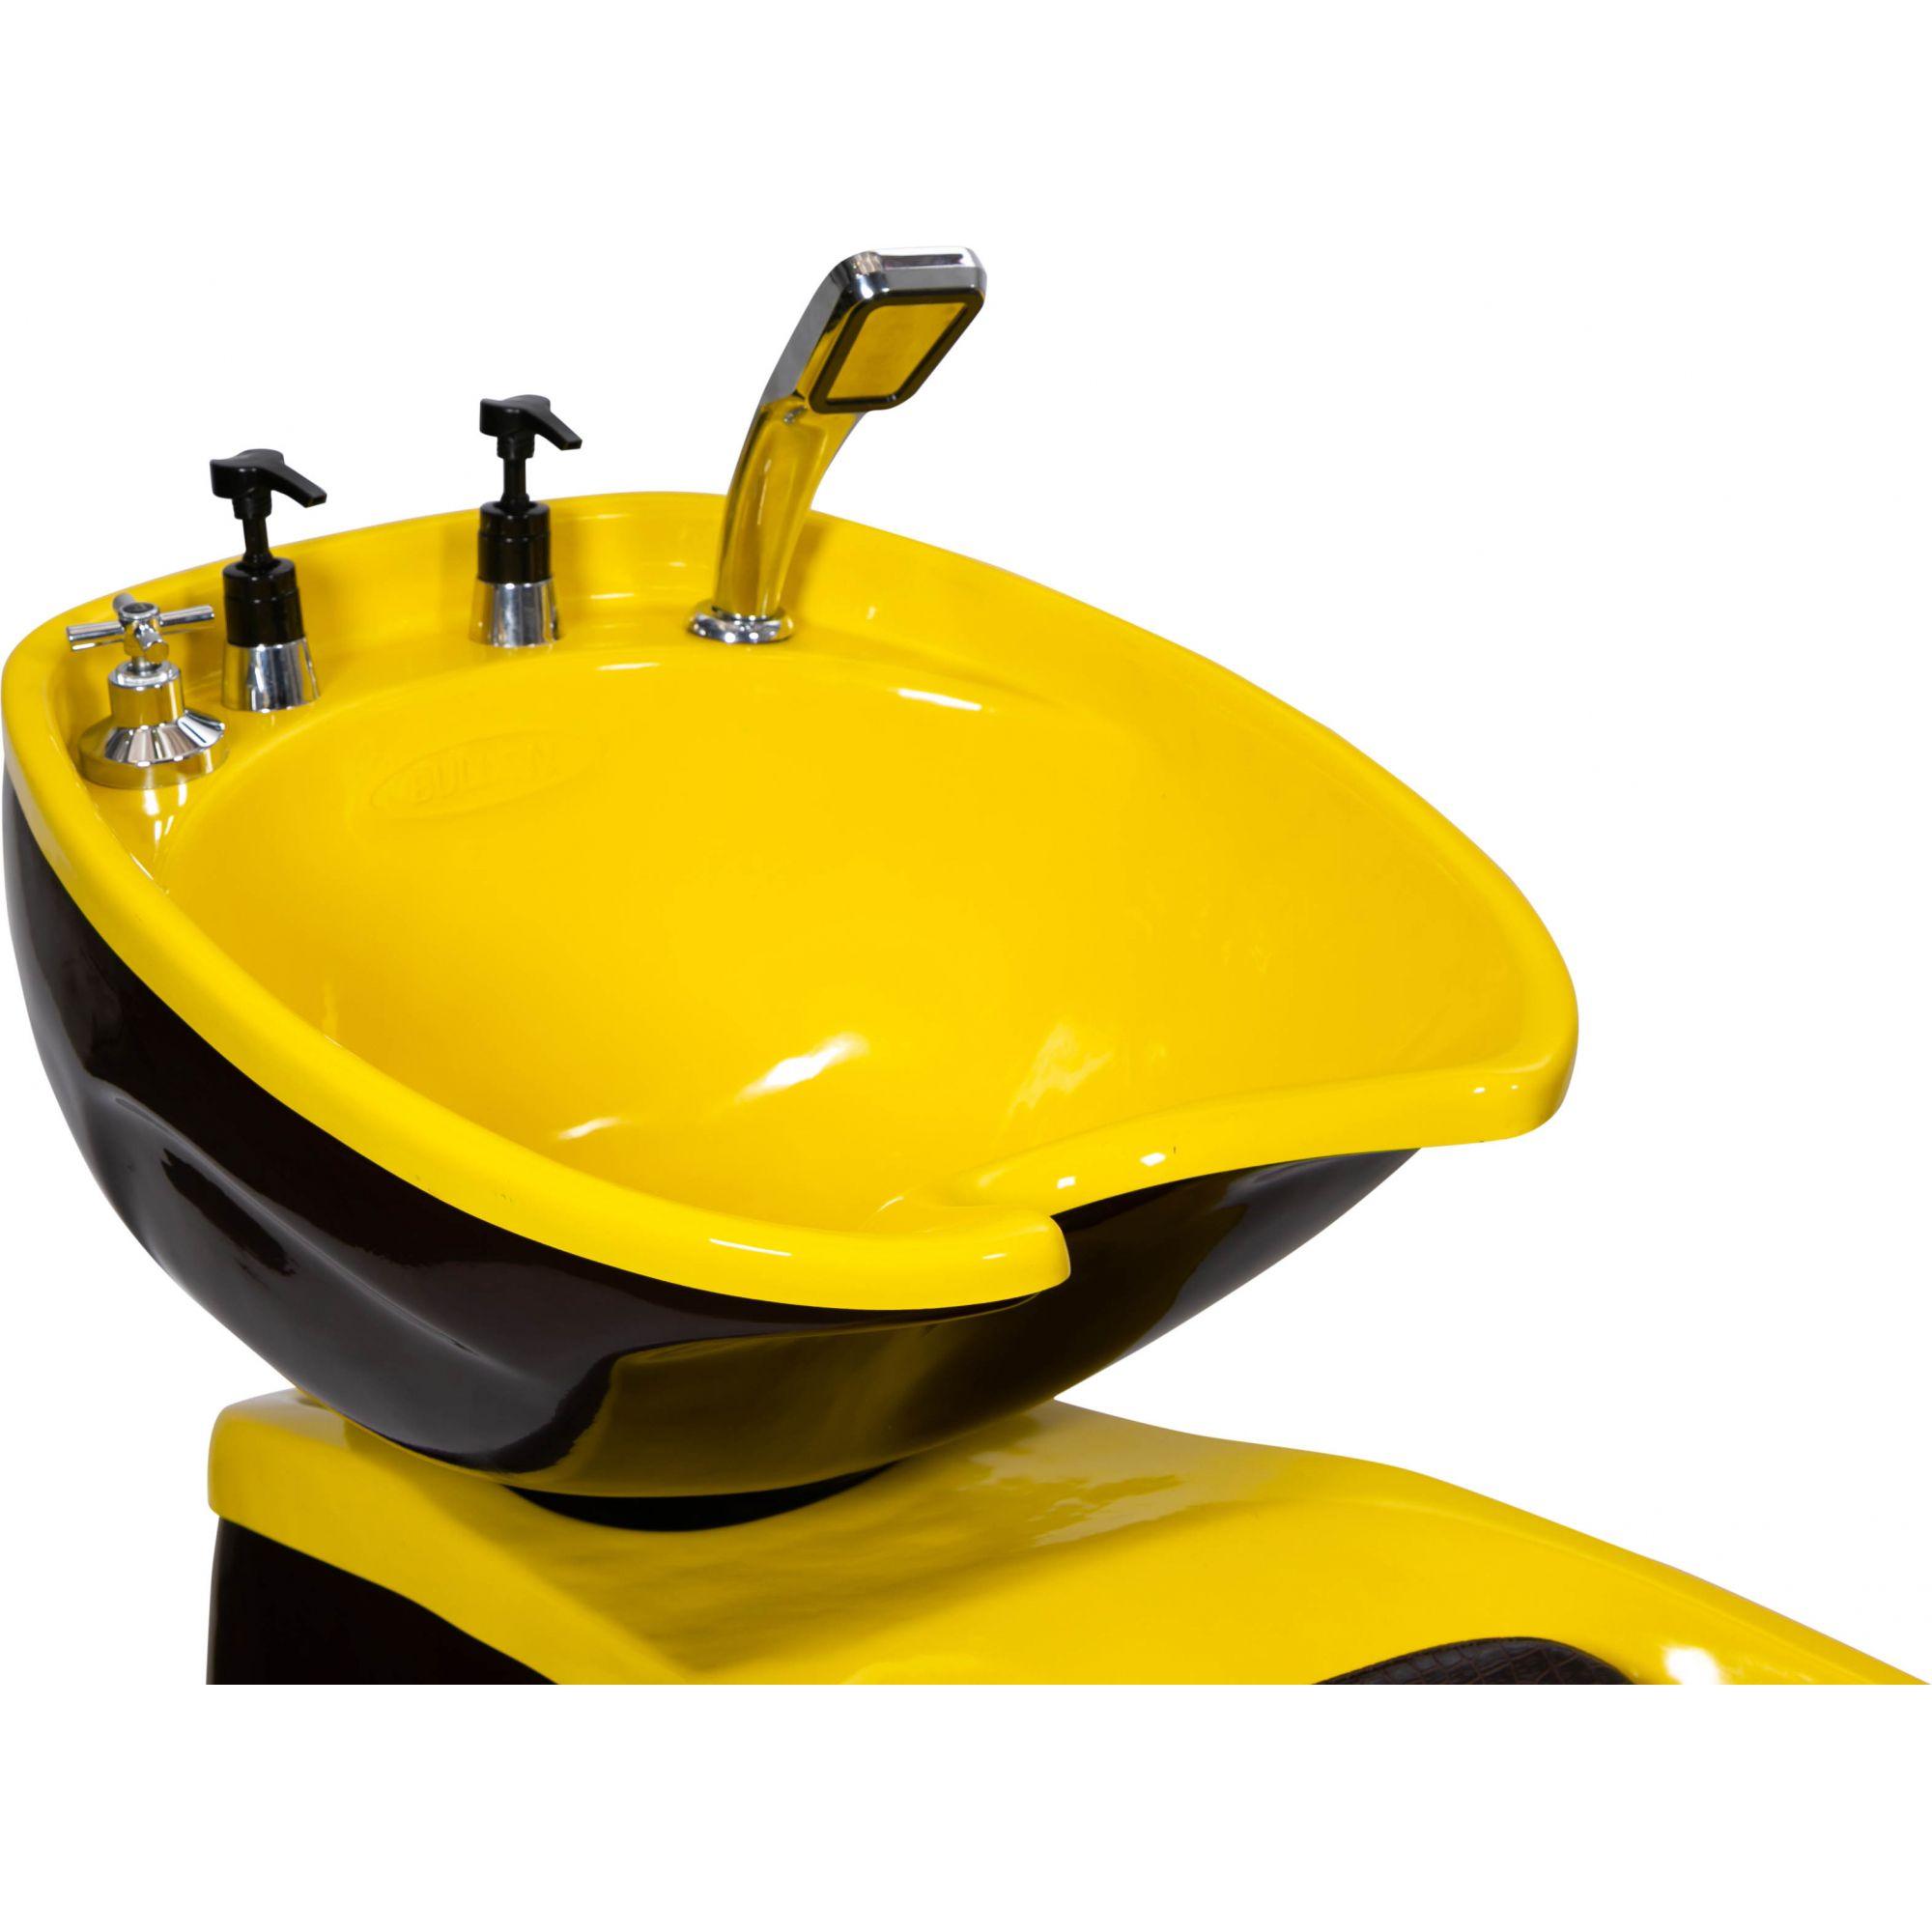 Lavatório Neon Shampoo Retro - Preto e Amarelo